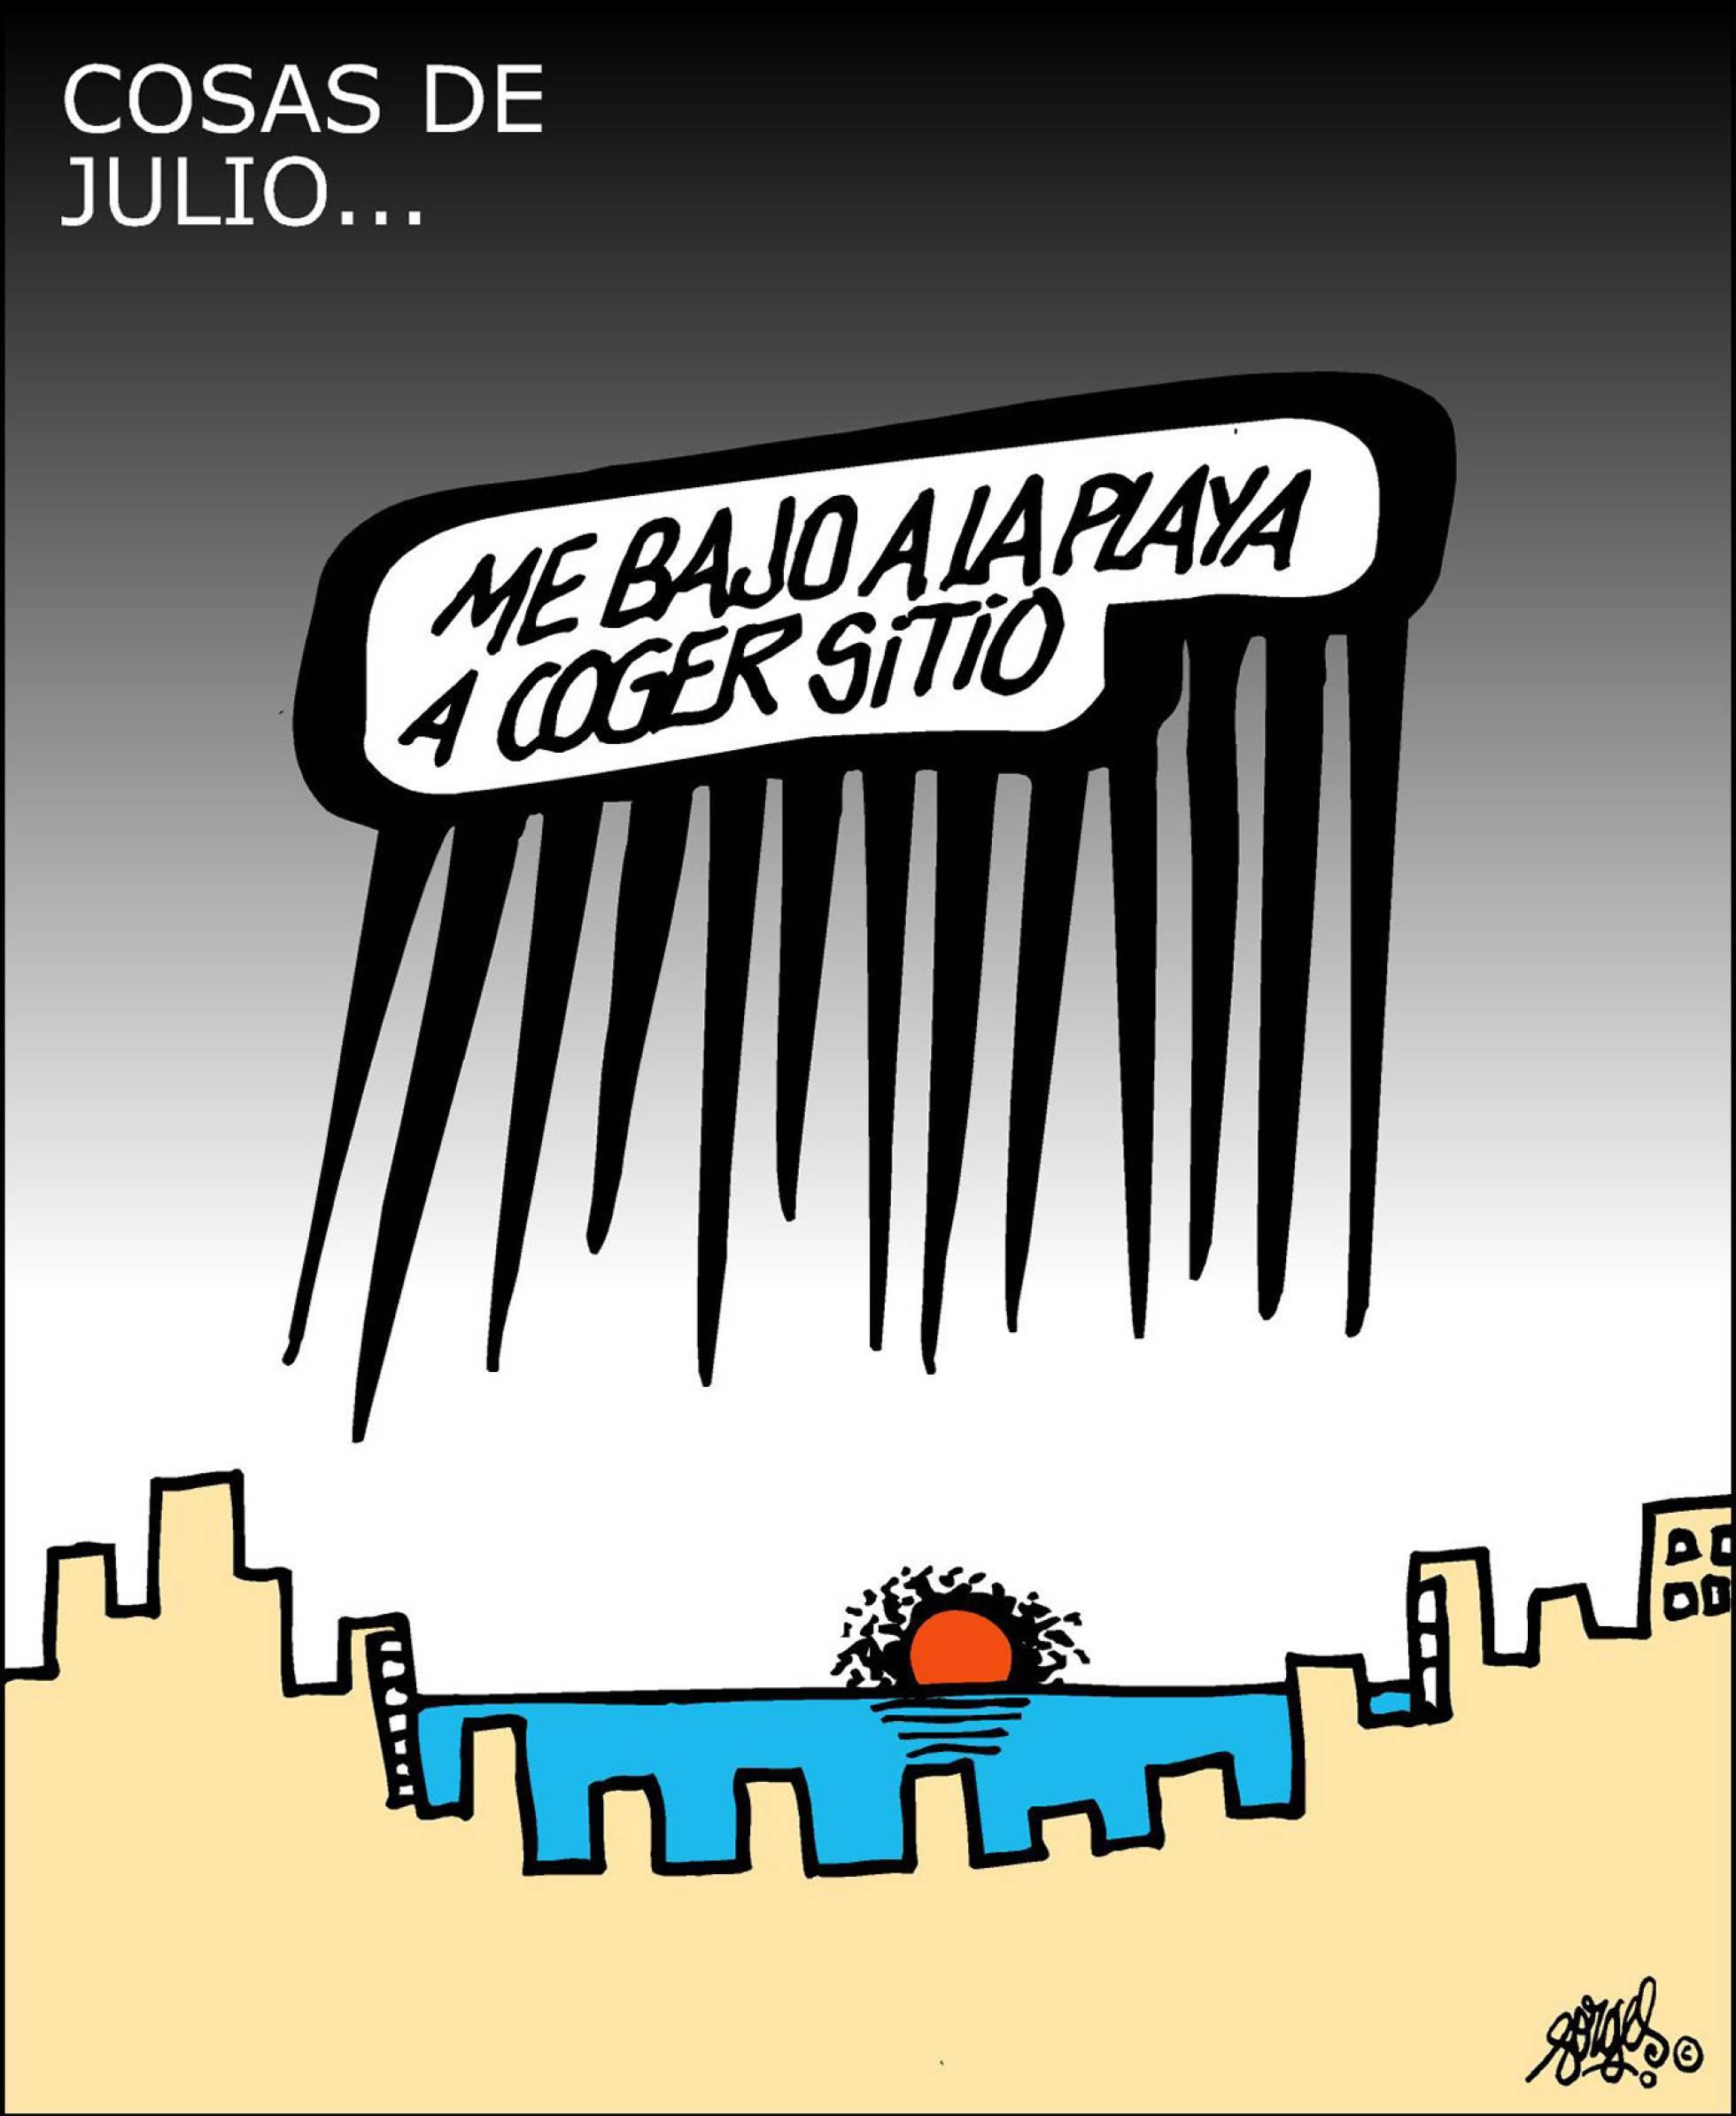 Forges: Cogiendo sitio en la playa -- El País 17/07/2017